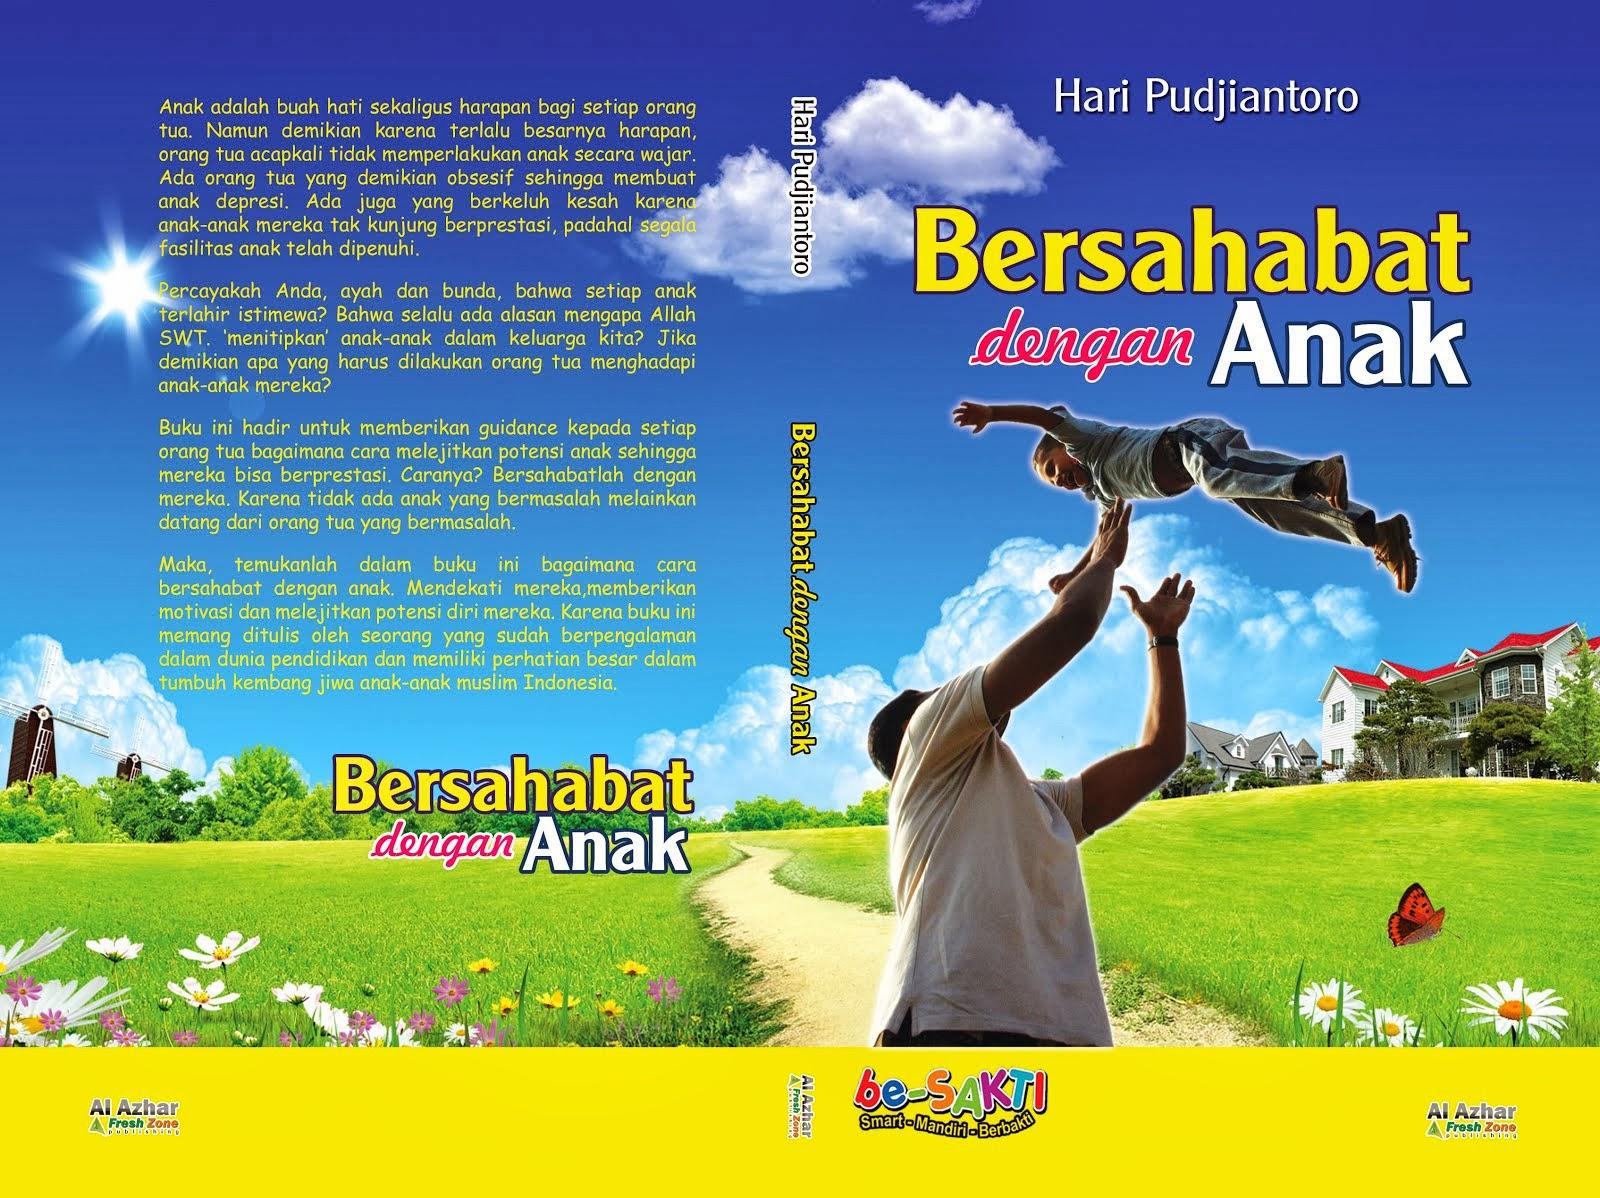 http://www.santinabila.com/2014/01/resensi-buku-bersahabat-dengan-anak.html